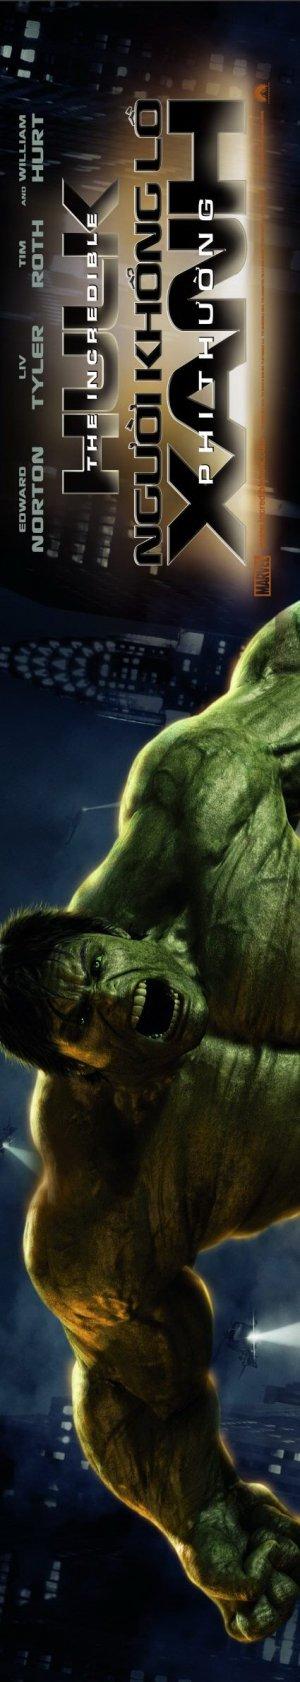 Der unglaubliche Hulk 425x2383